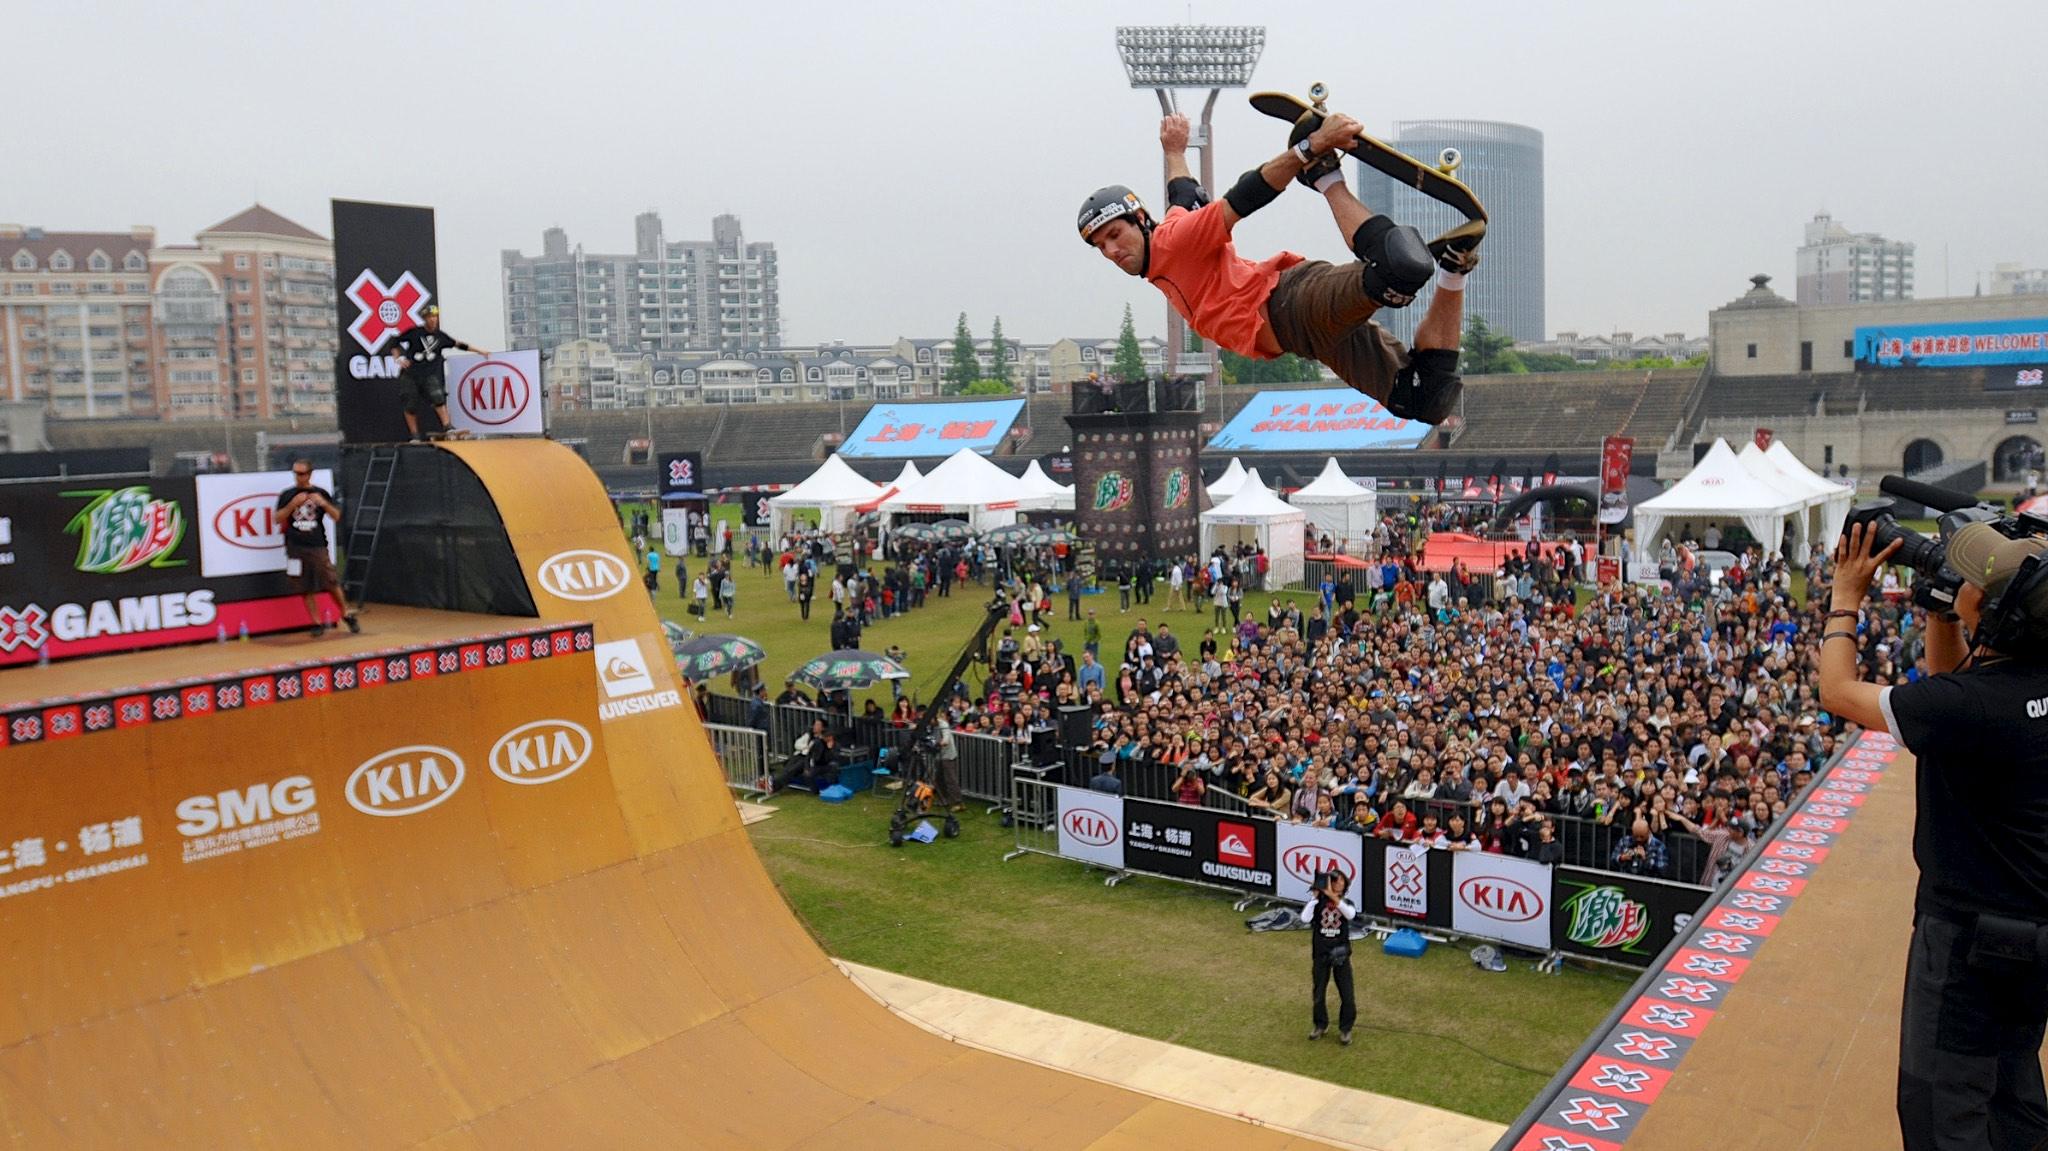 2012: Shanghai, China